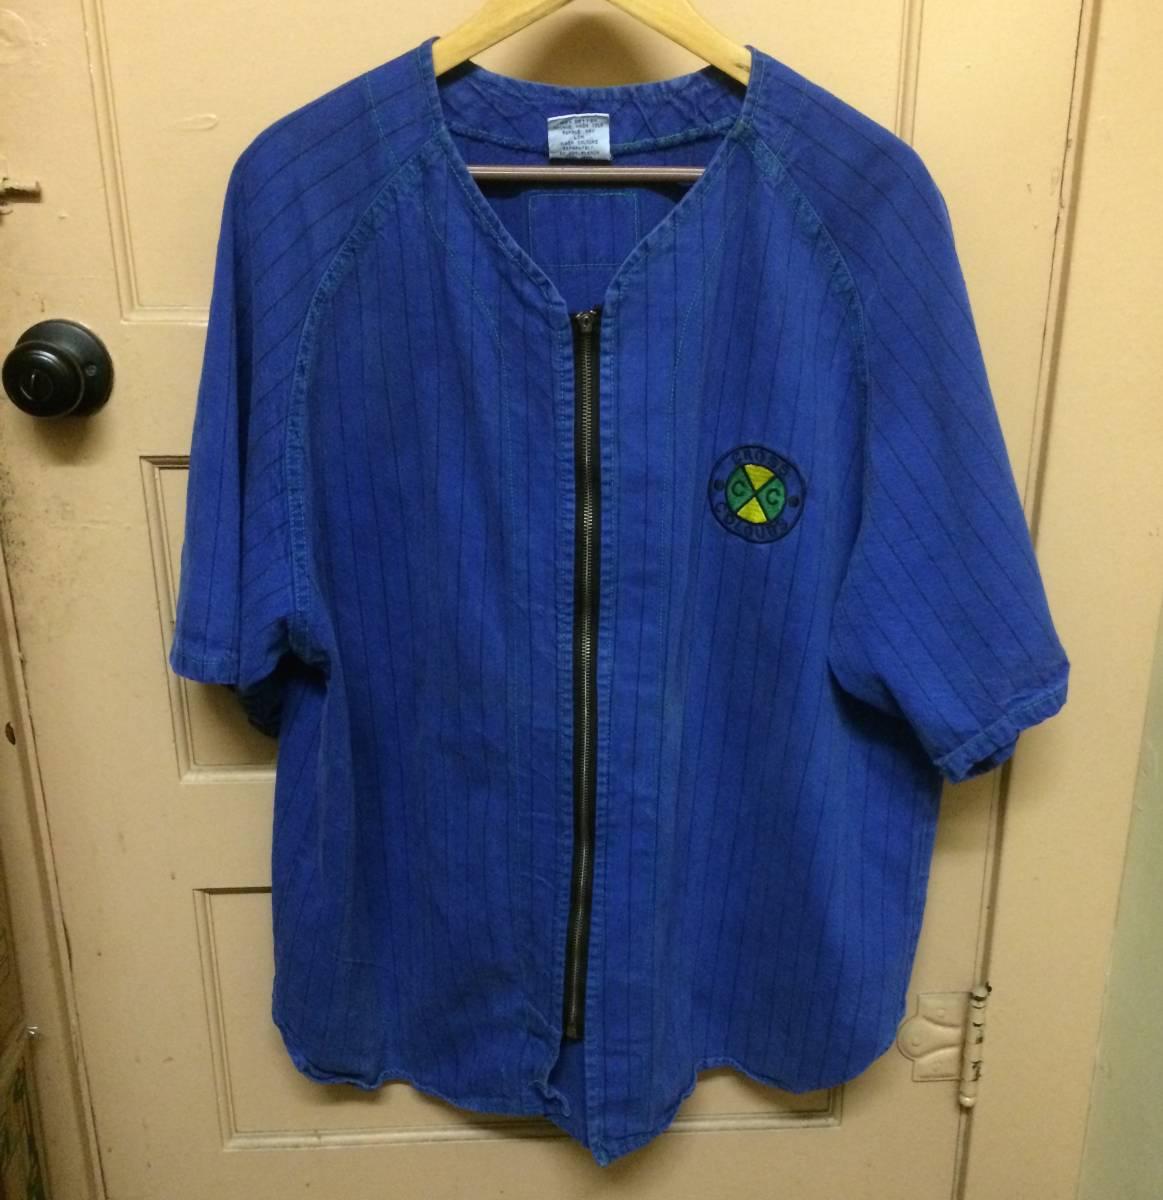 超レア CROSS COLOURS JERSEY ユニフォーム Tシャツ SPIKE LEE TLC LAURYN HILL 2PAC SNOOP DOGG 40ACRES カニエ NIRVANA RAP TEE